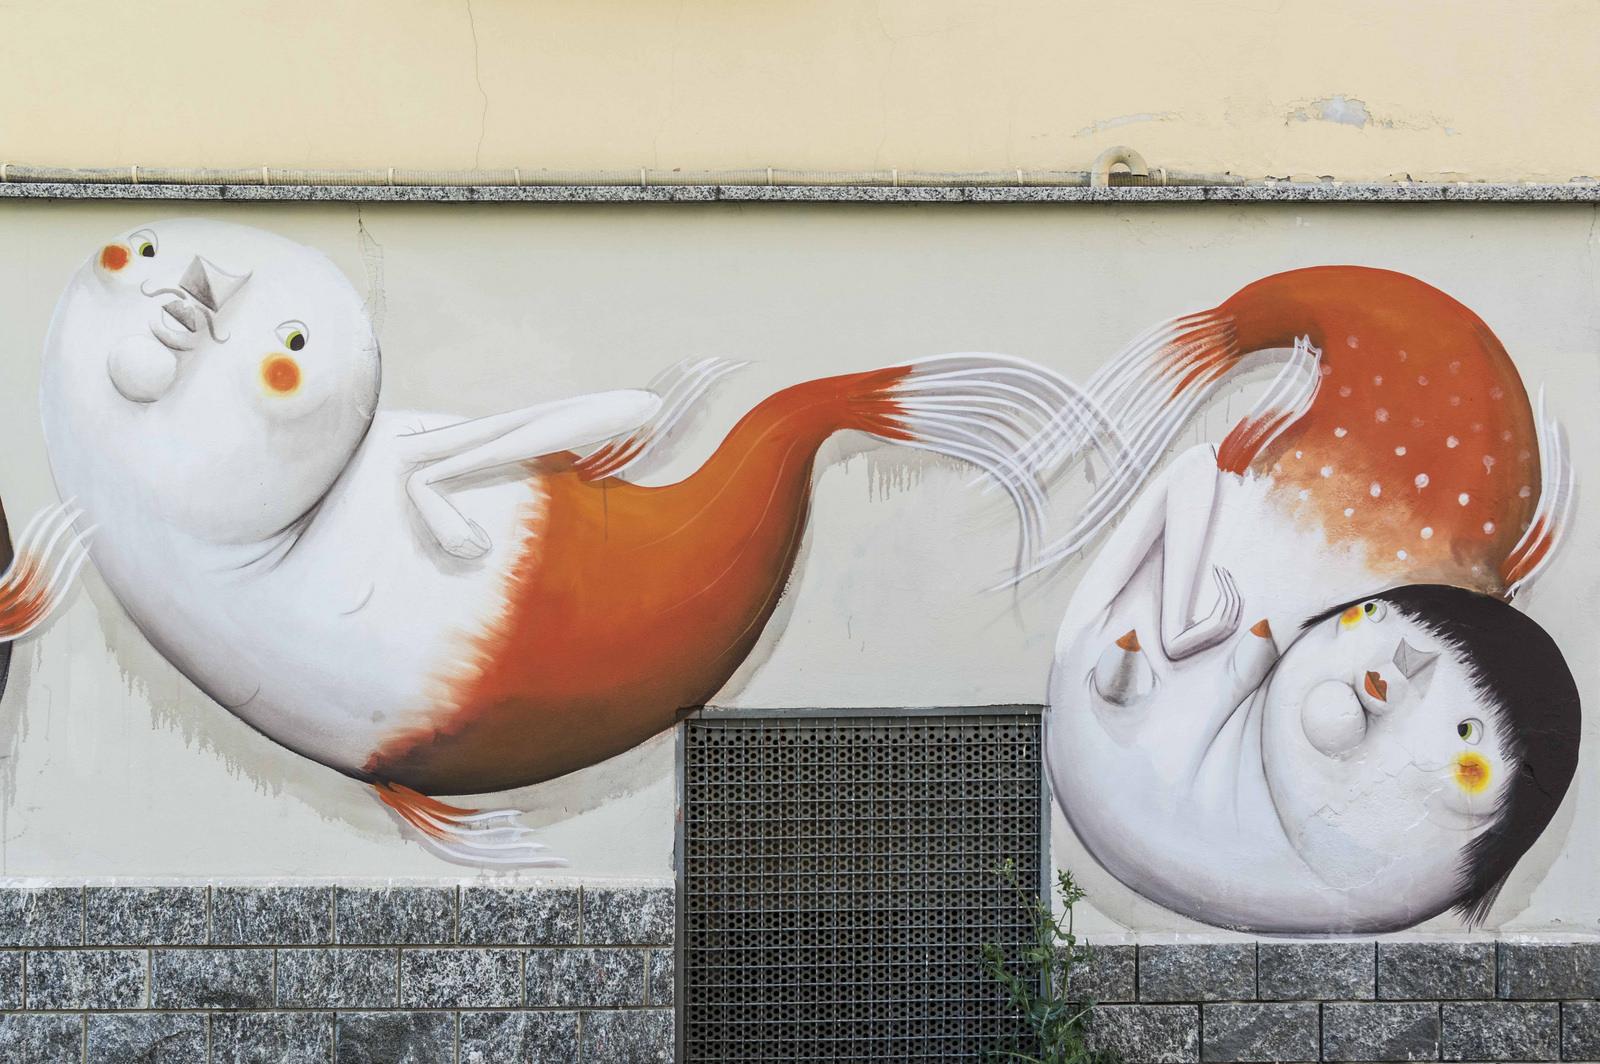 zed1-non-si-puo-andare-contro-natura-new-mural-in-milano-03